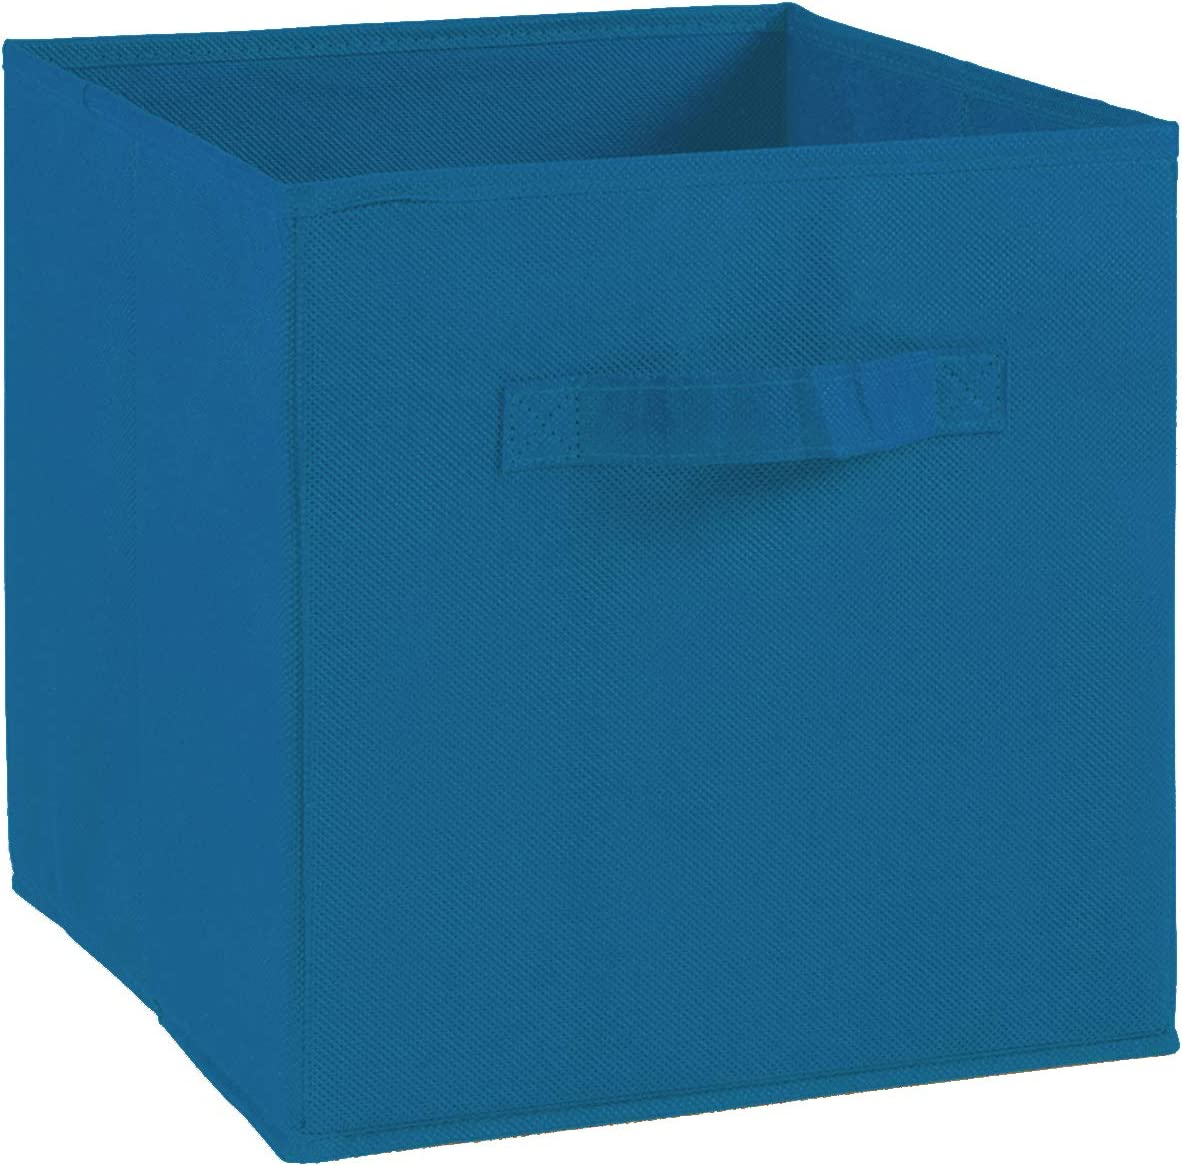 Compo Caja de almacenaje con asa de Tela 27 x 27 x 28 cm Color Azul